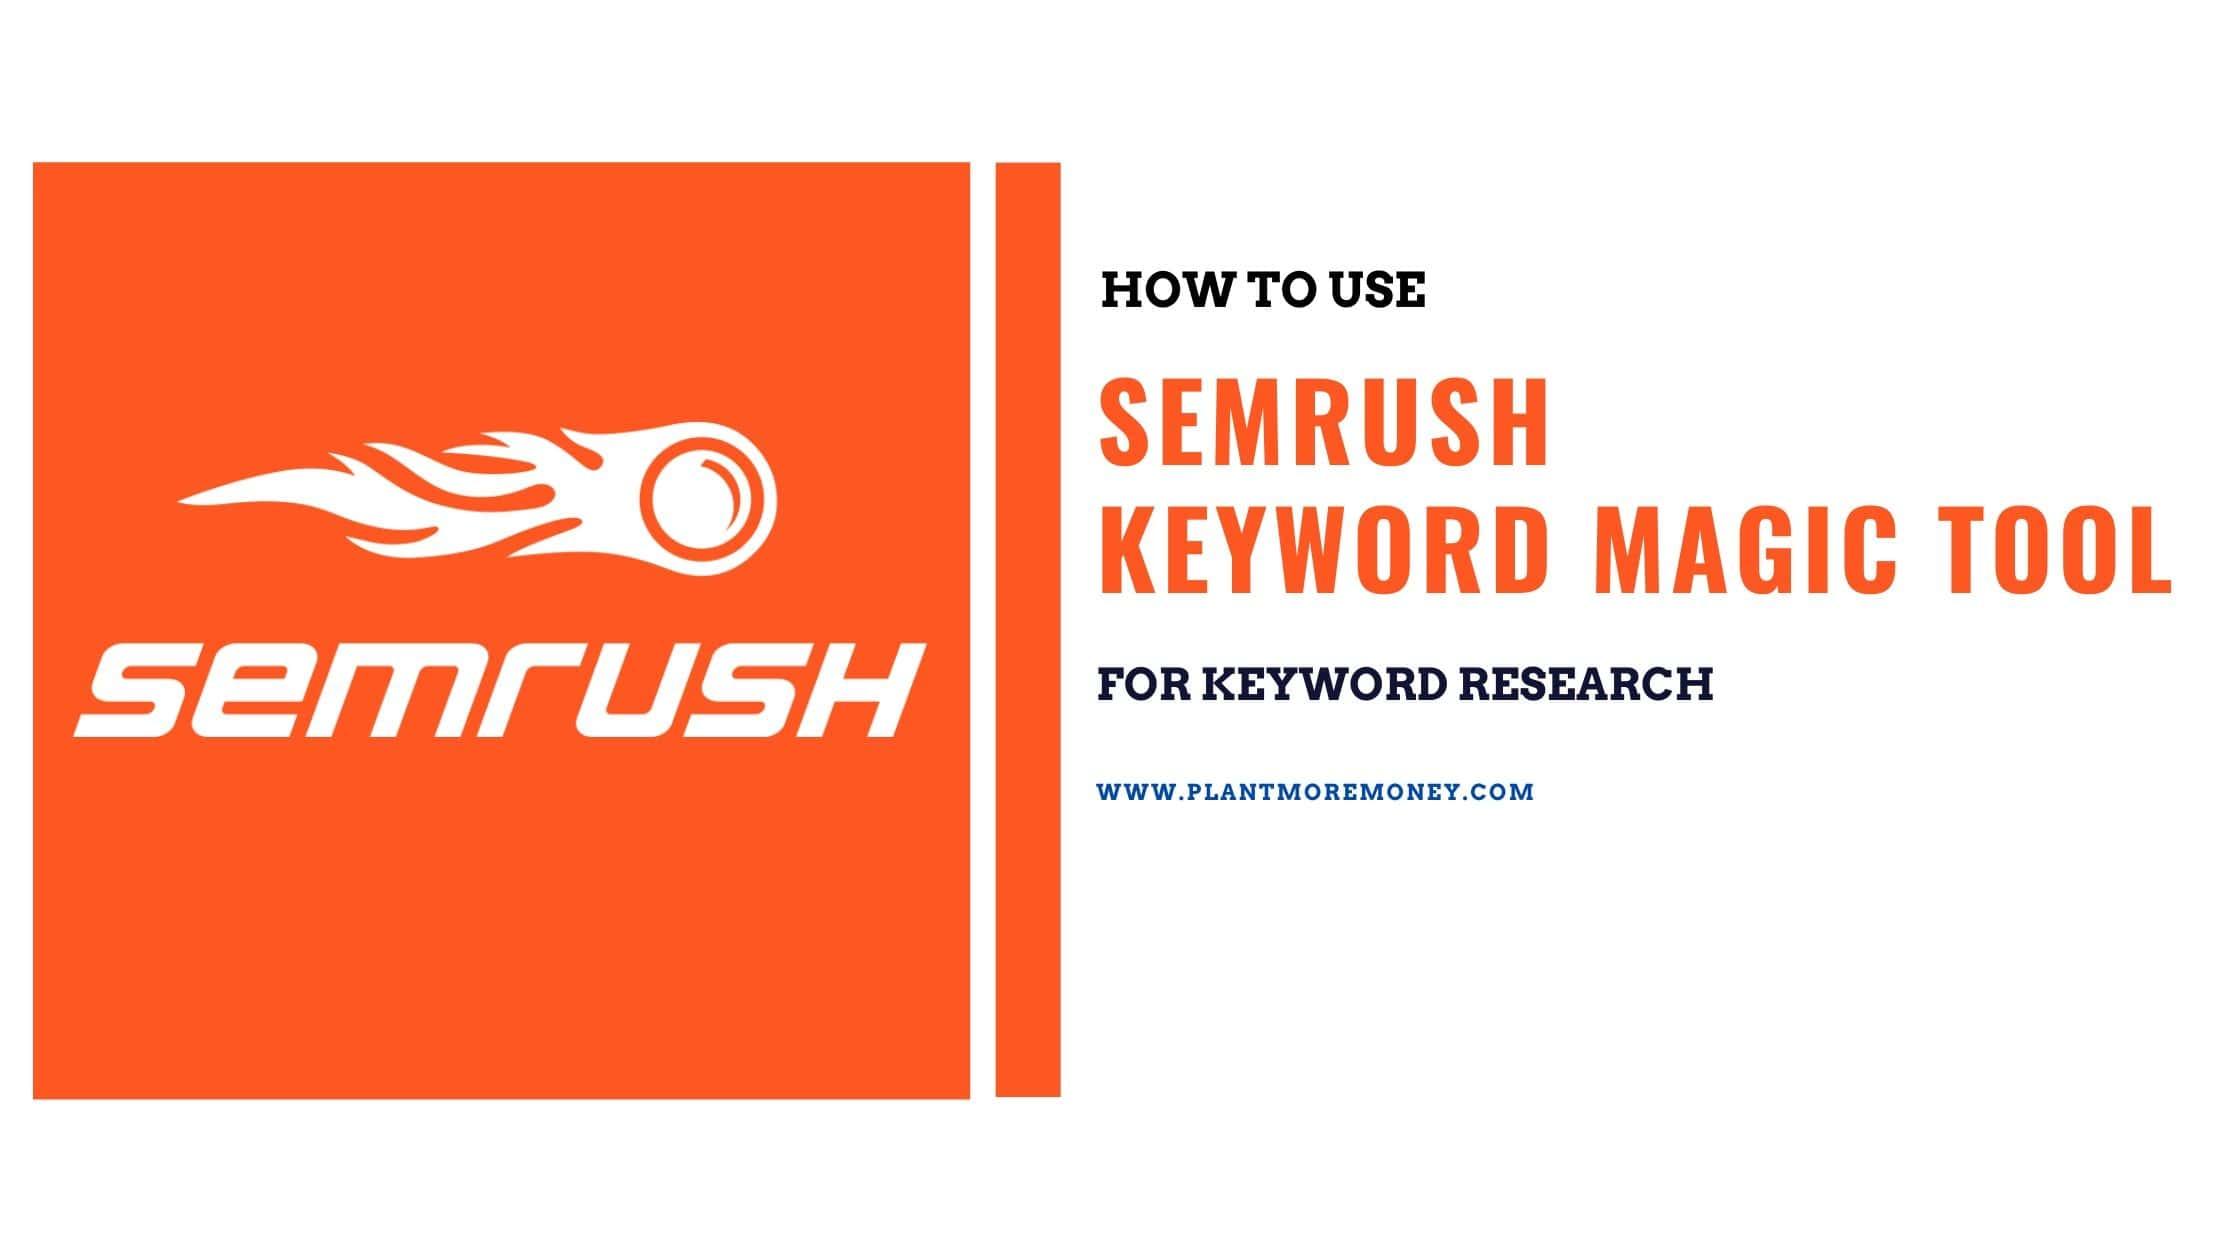 SEMrush keyword magic tool for keyword research